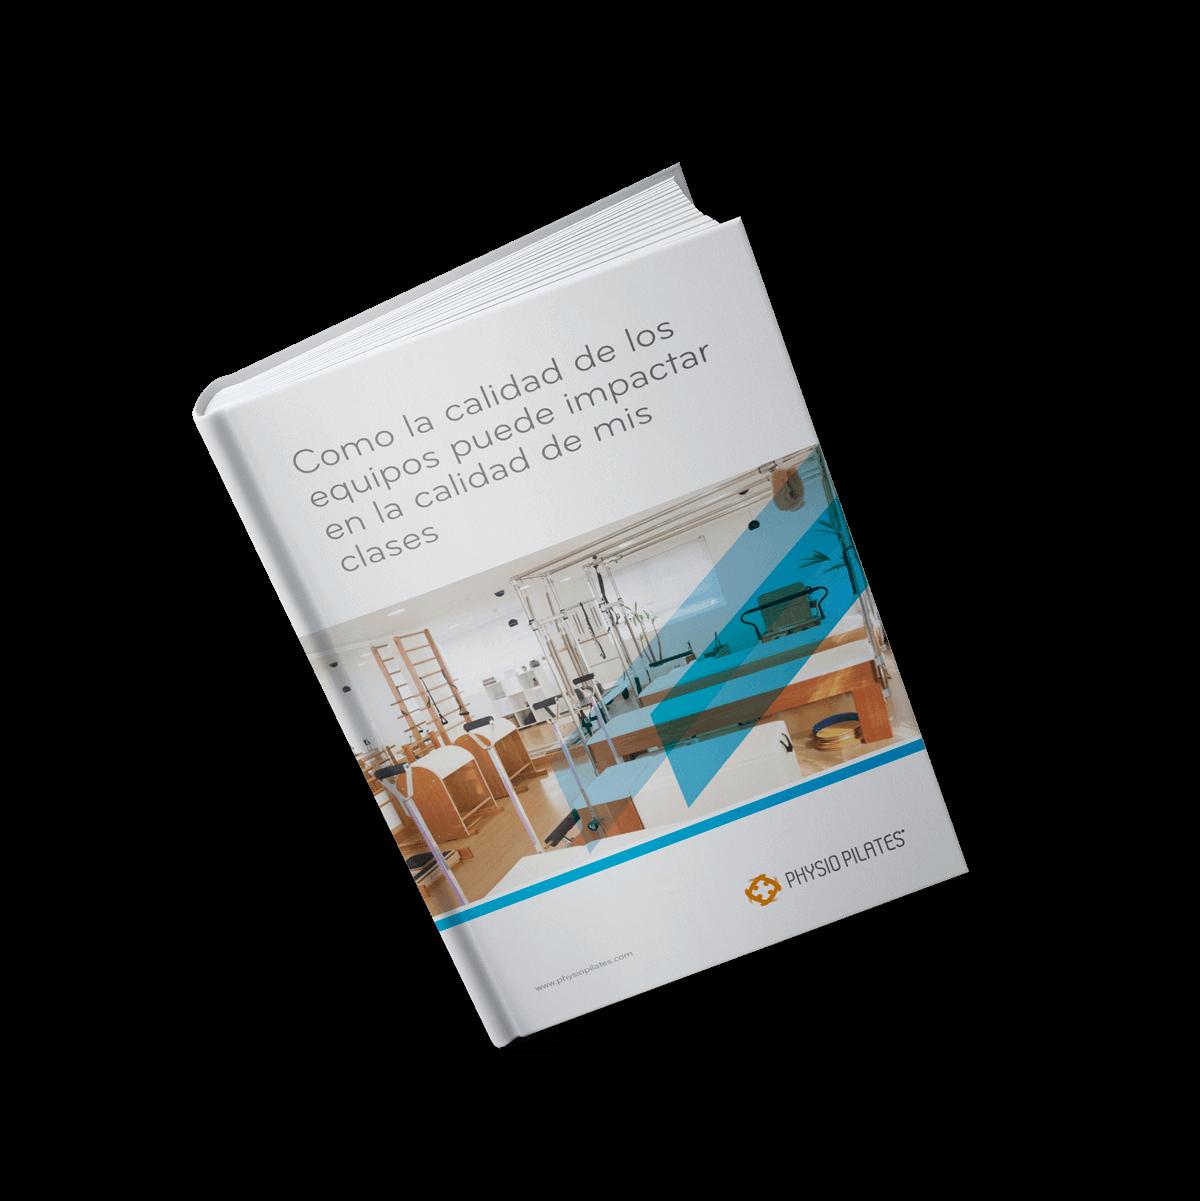 Cubierta del libro electrónico 'Como la calidad de los equipos puede impactar en la calidad de mis clases'